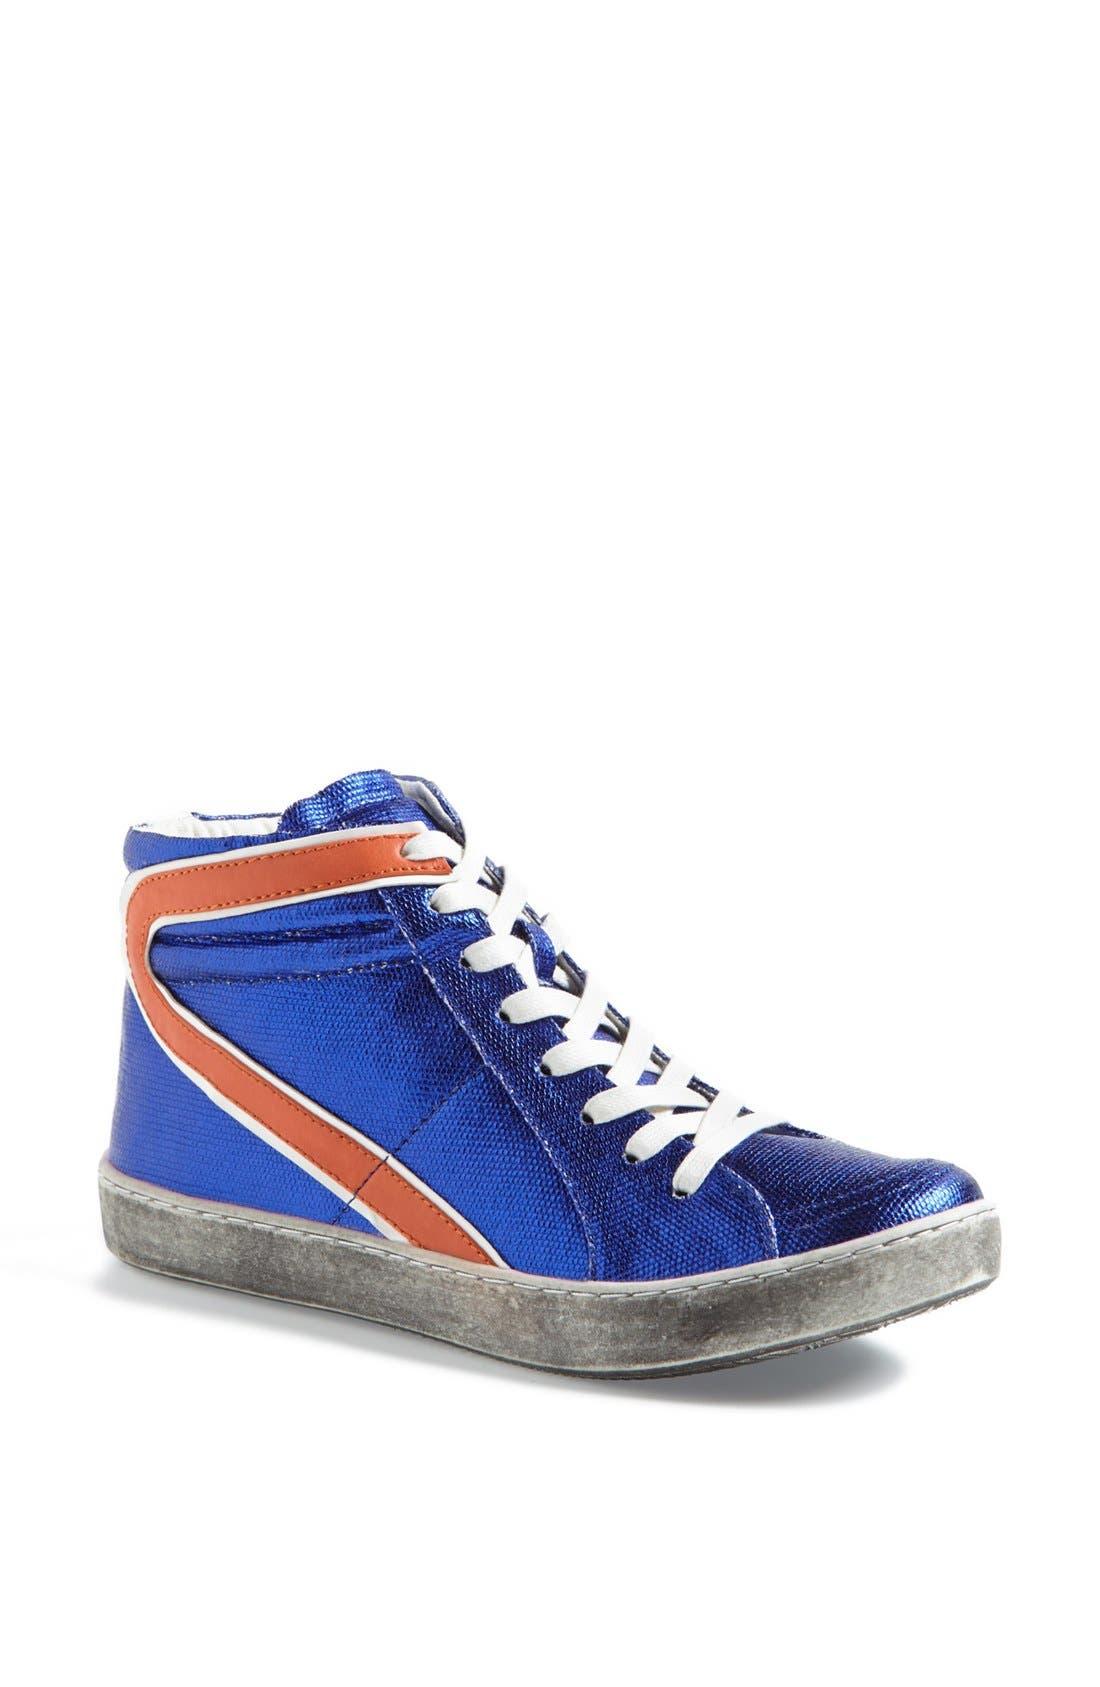 Main Image - Matisse 'Ascot Friday - Alva' Sneaker